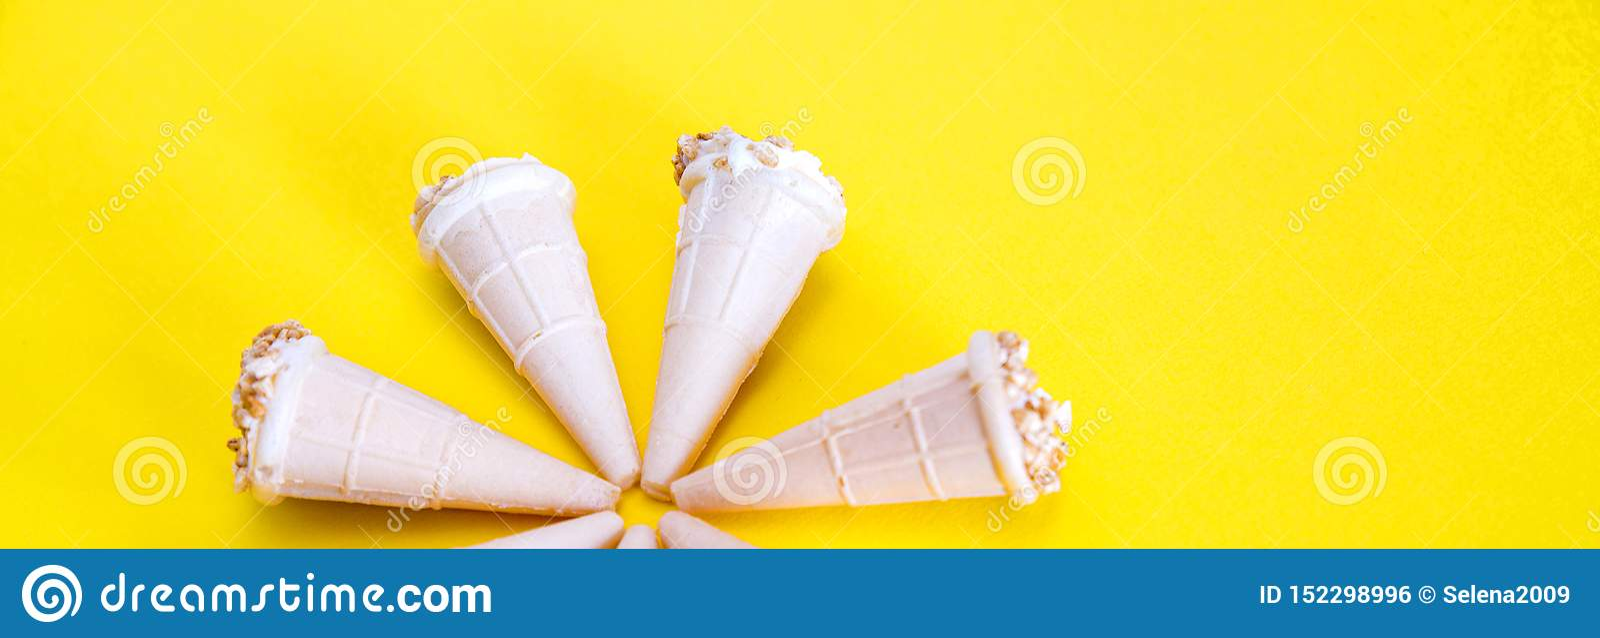 Gelado com as porcas em uns copos do waffle Cones do waffle isolados em um fundo amarelo, close-up, panorama largo